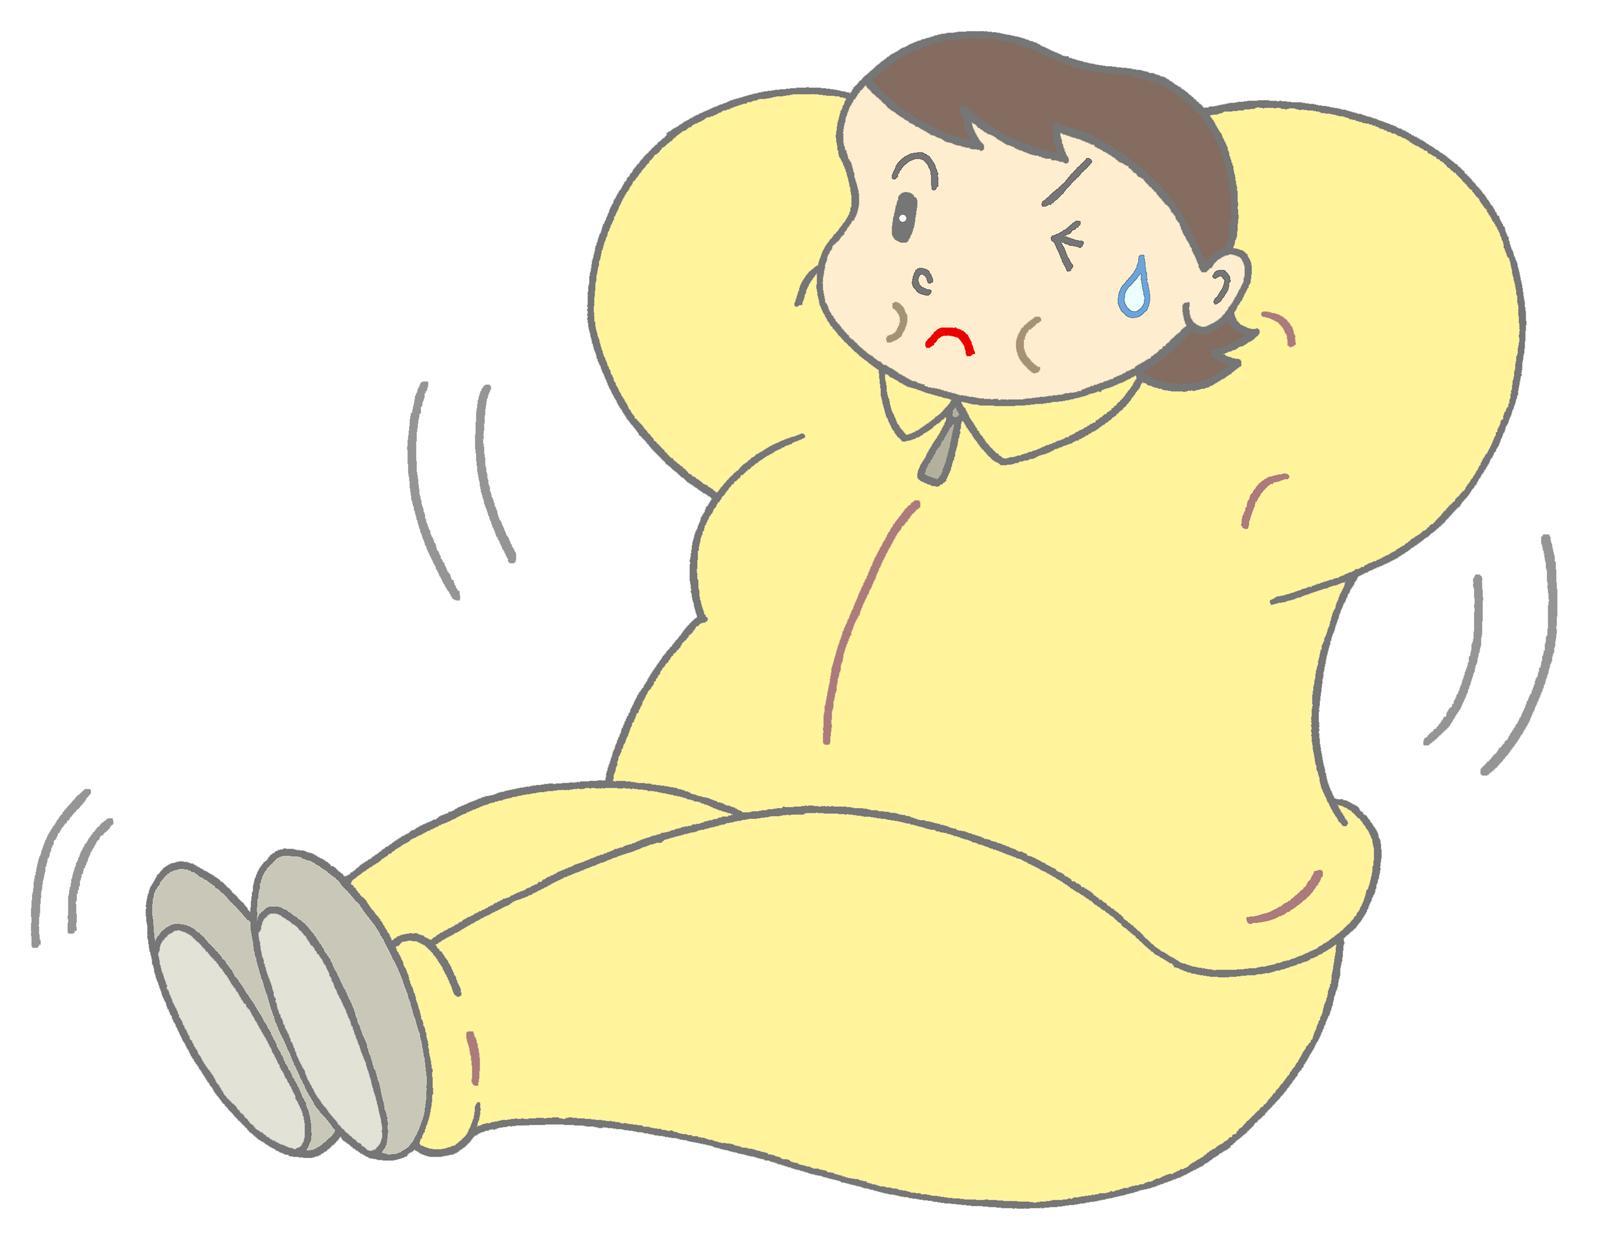 カロリーゼロ飲料を飲むと太るし、糖尿病や心筋梗塞にもなるよ